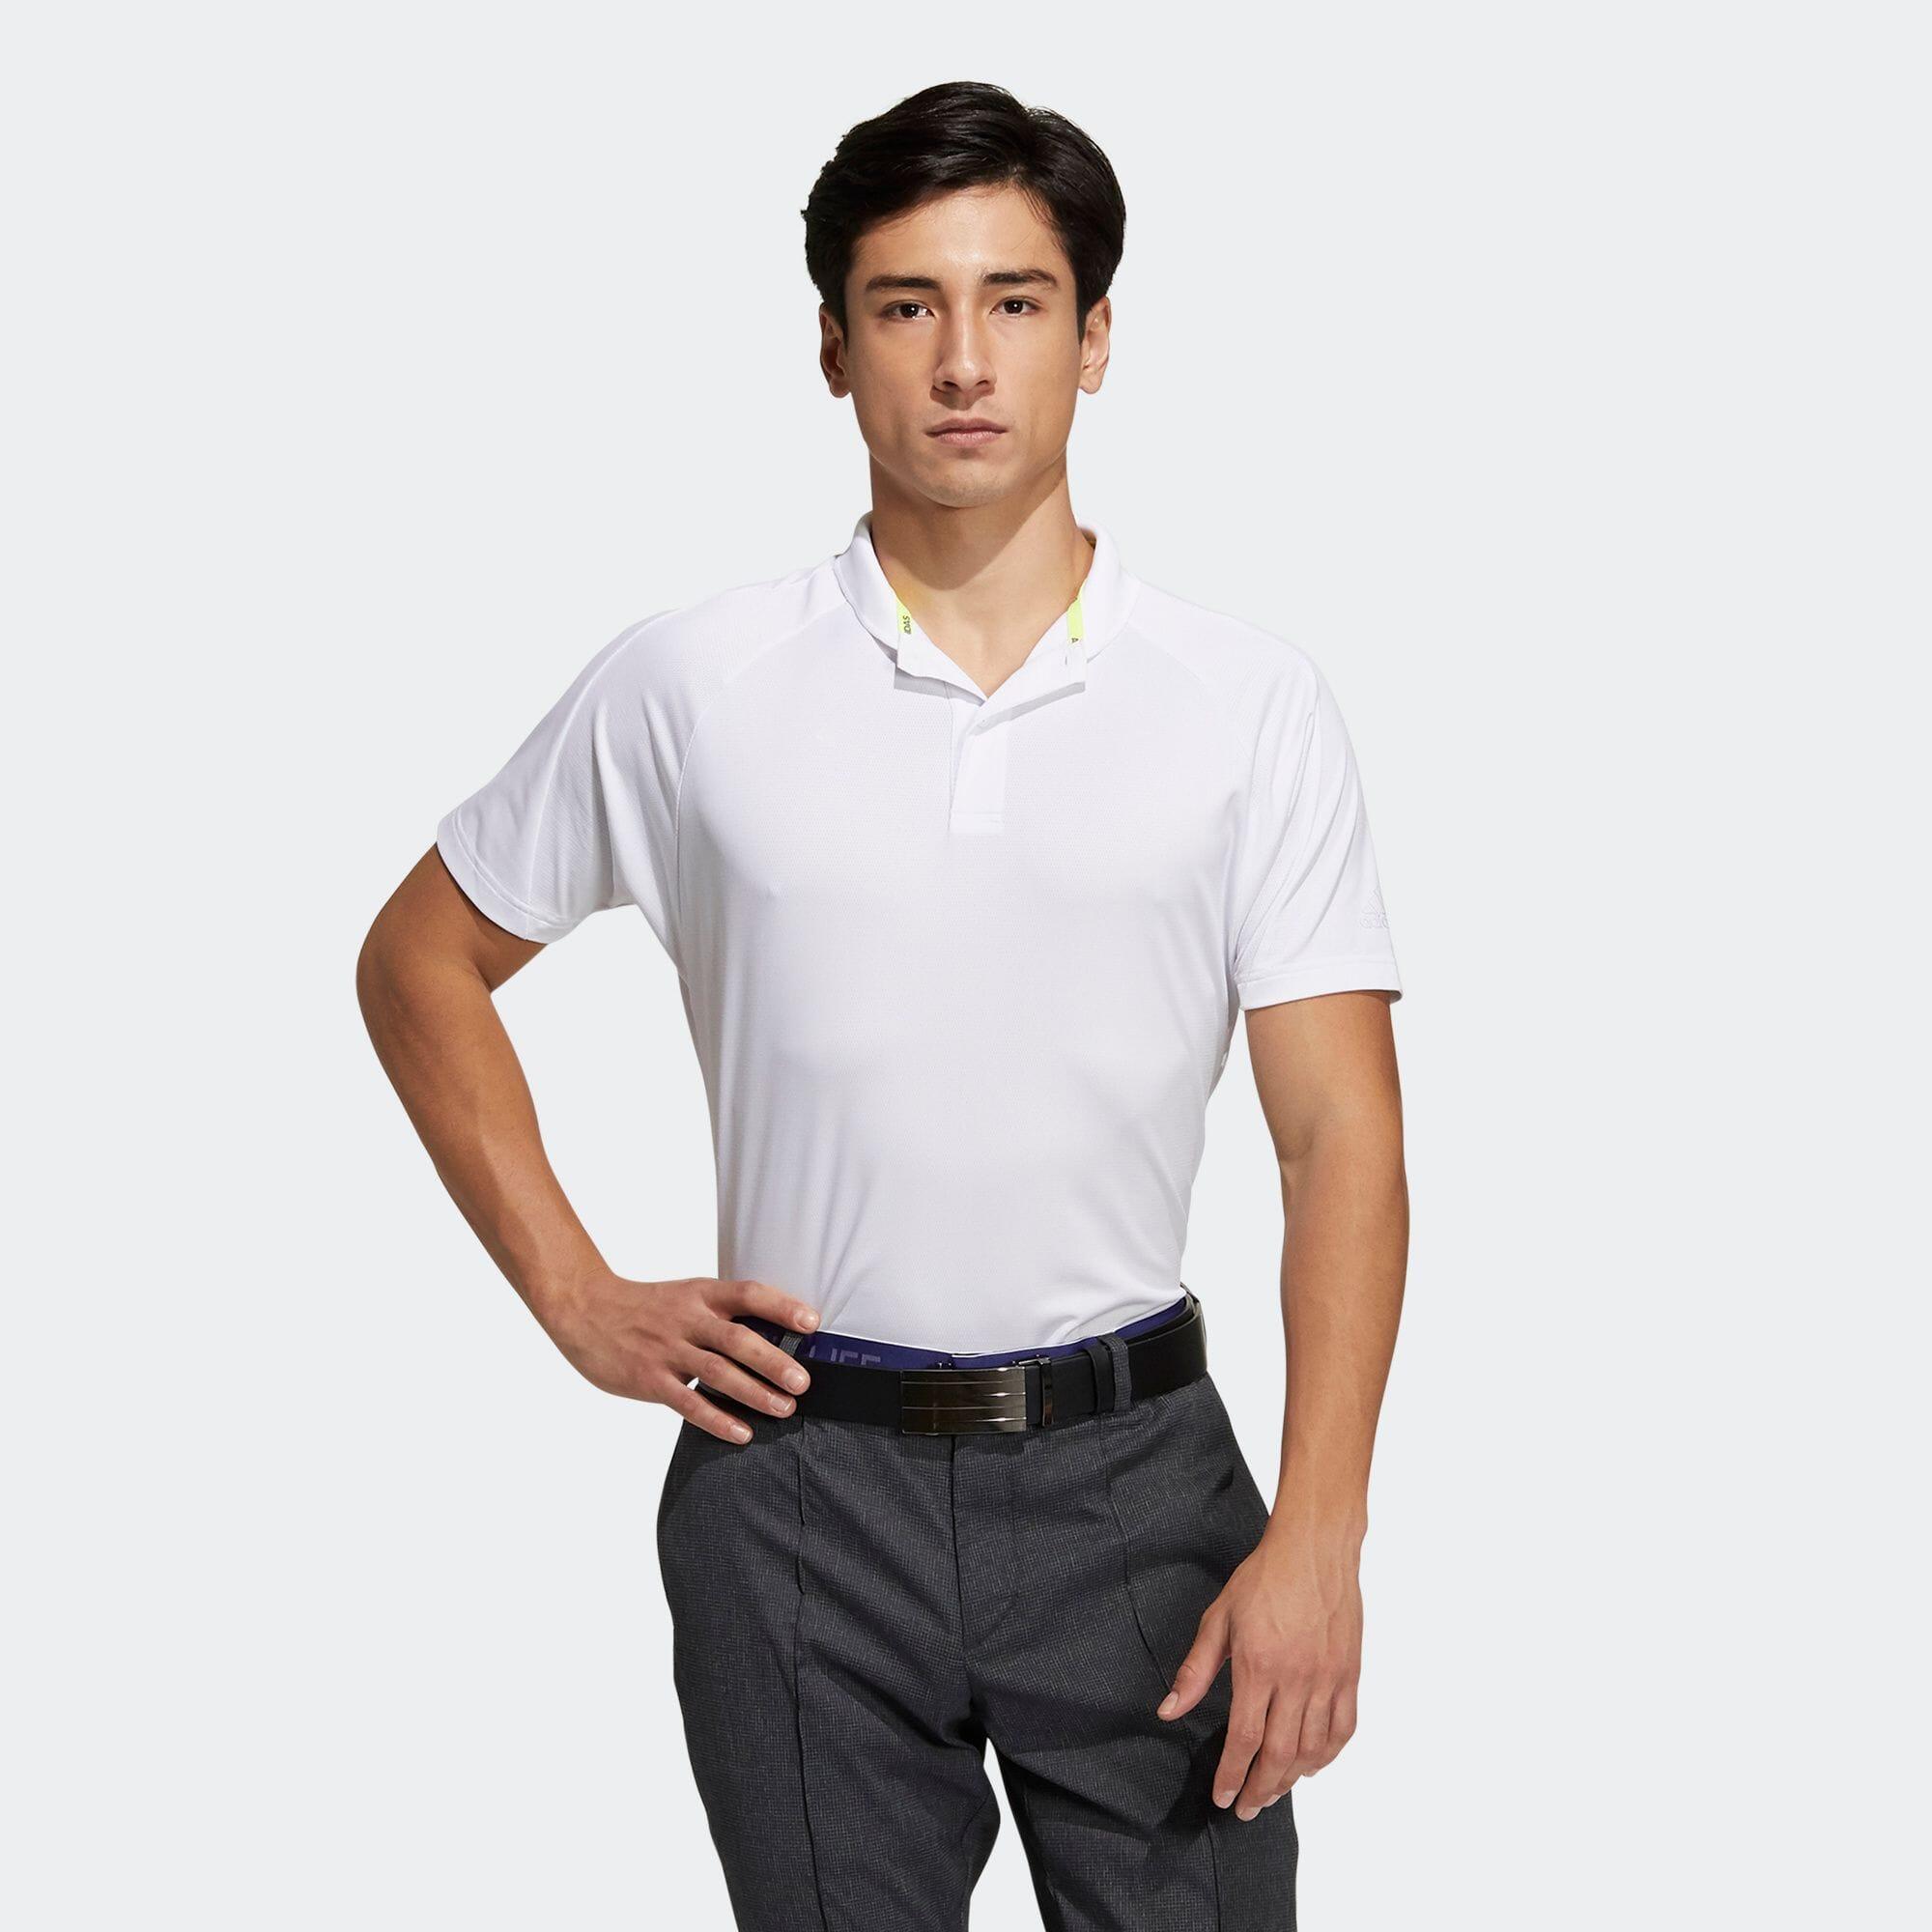 ソリッド 半袖ショールカラーポロ 【ゴルフ】/ Polo Shirt